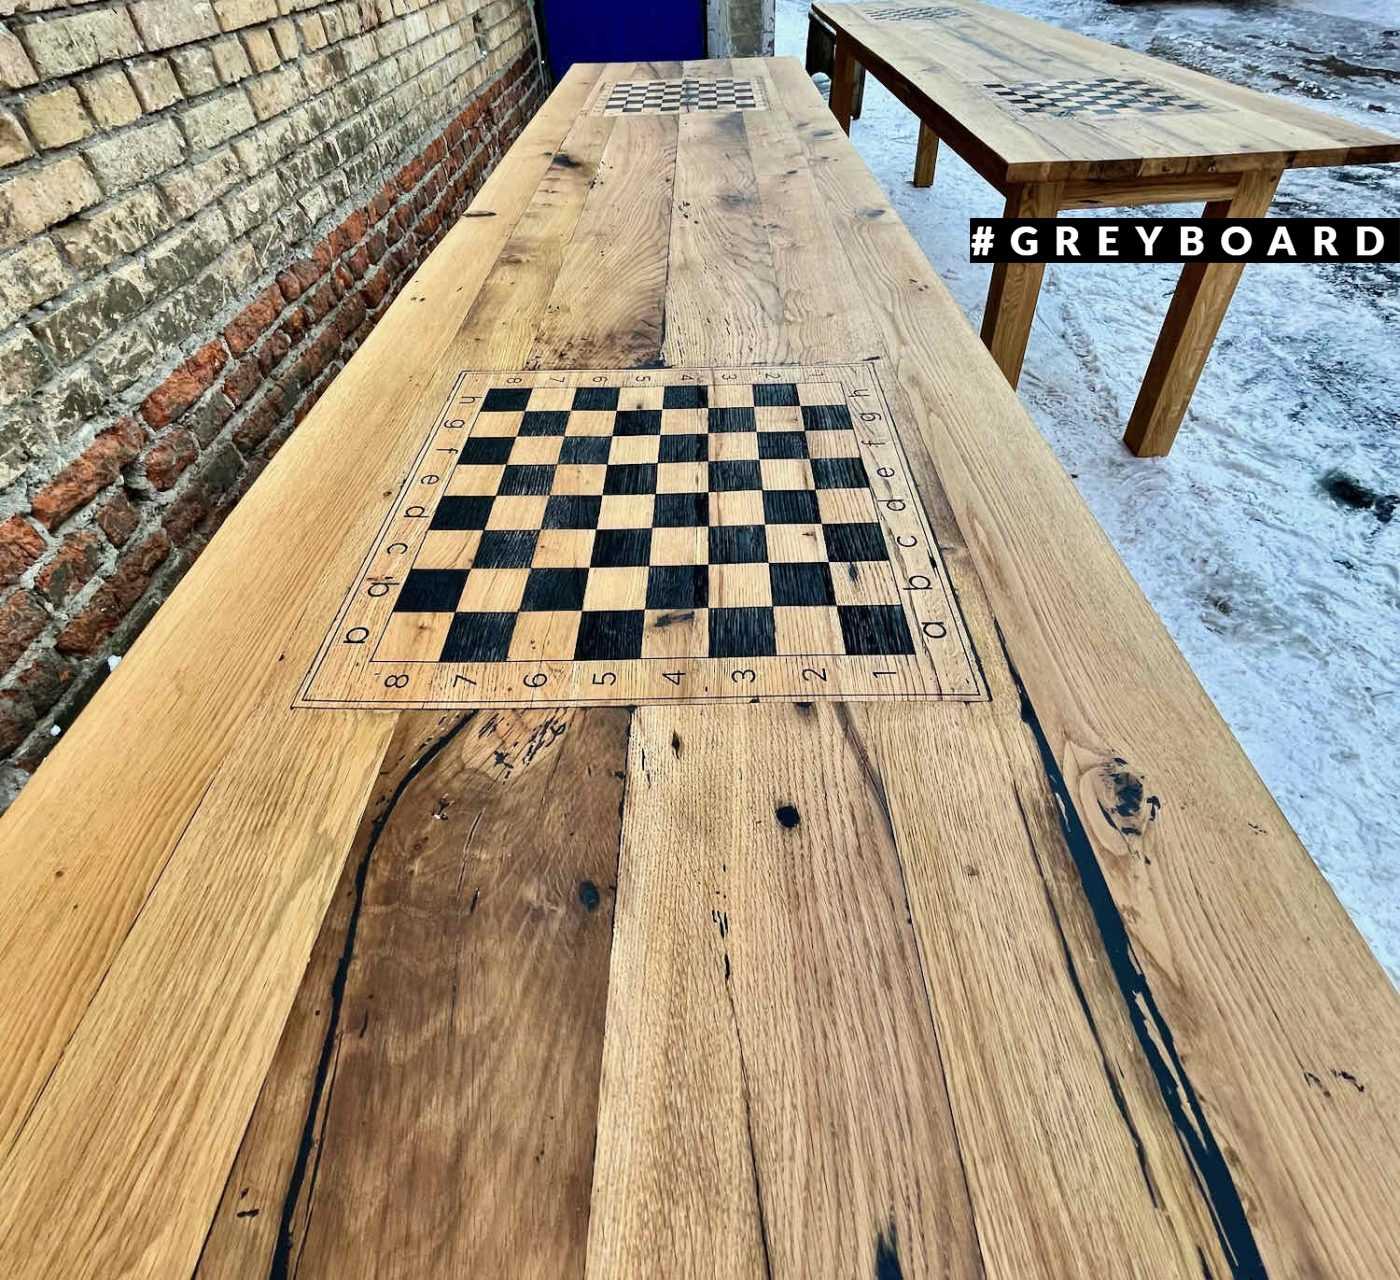 Дубовый стол с выгравированной шахматной доской